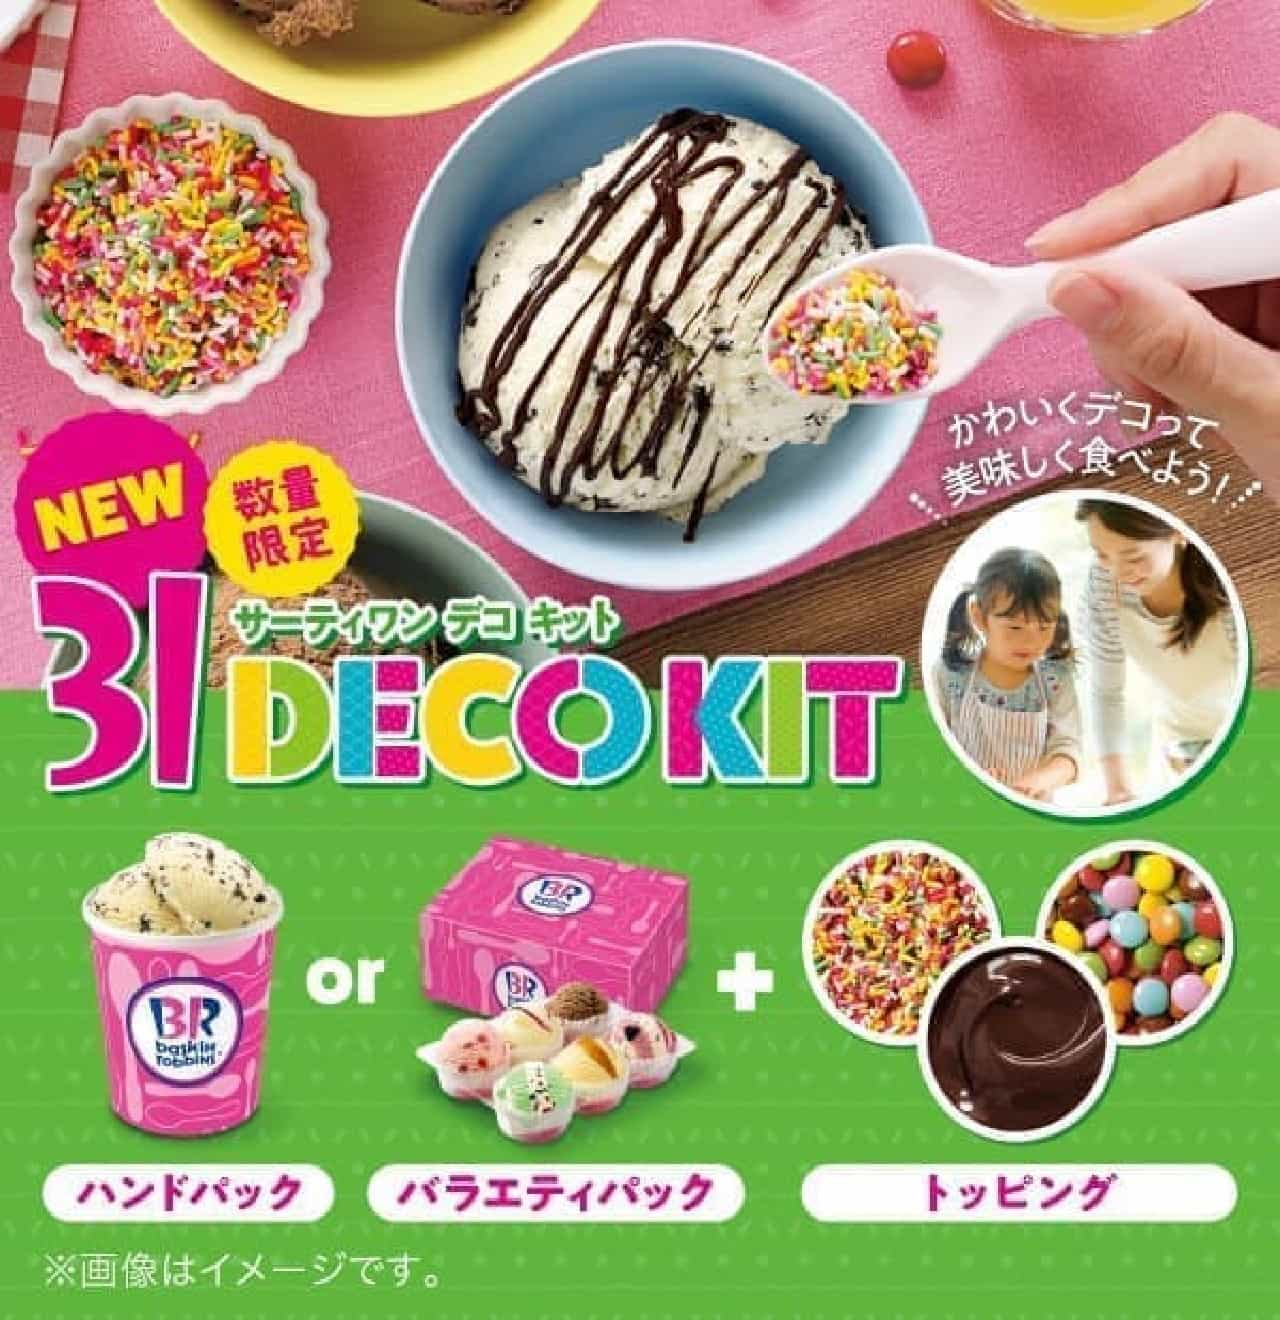 サーティワン アイス&デコレーションのセット「デコキット」